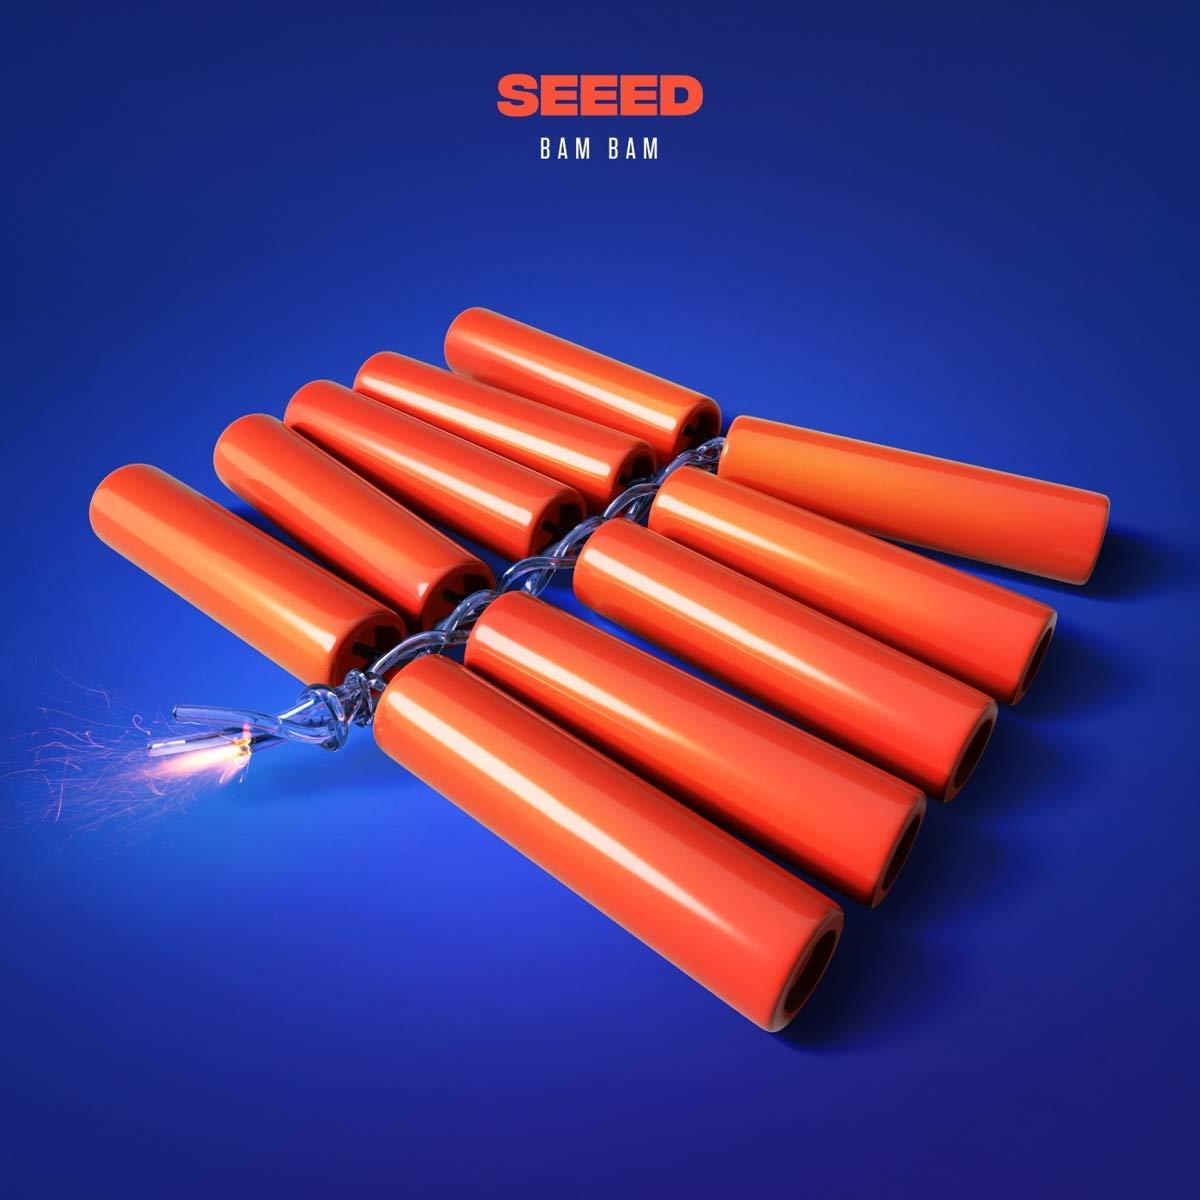 Tune des Tages: Seeed - BAM BAM (feat. Nura, Deichkind, Trettmann & Salsa 359)